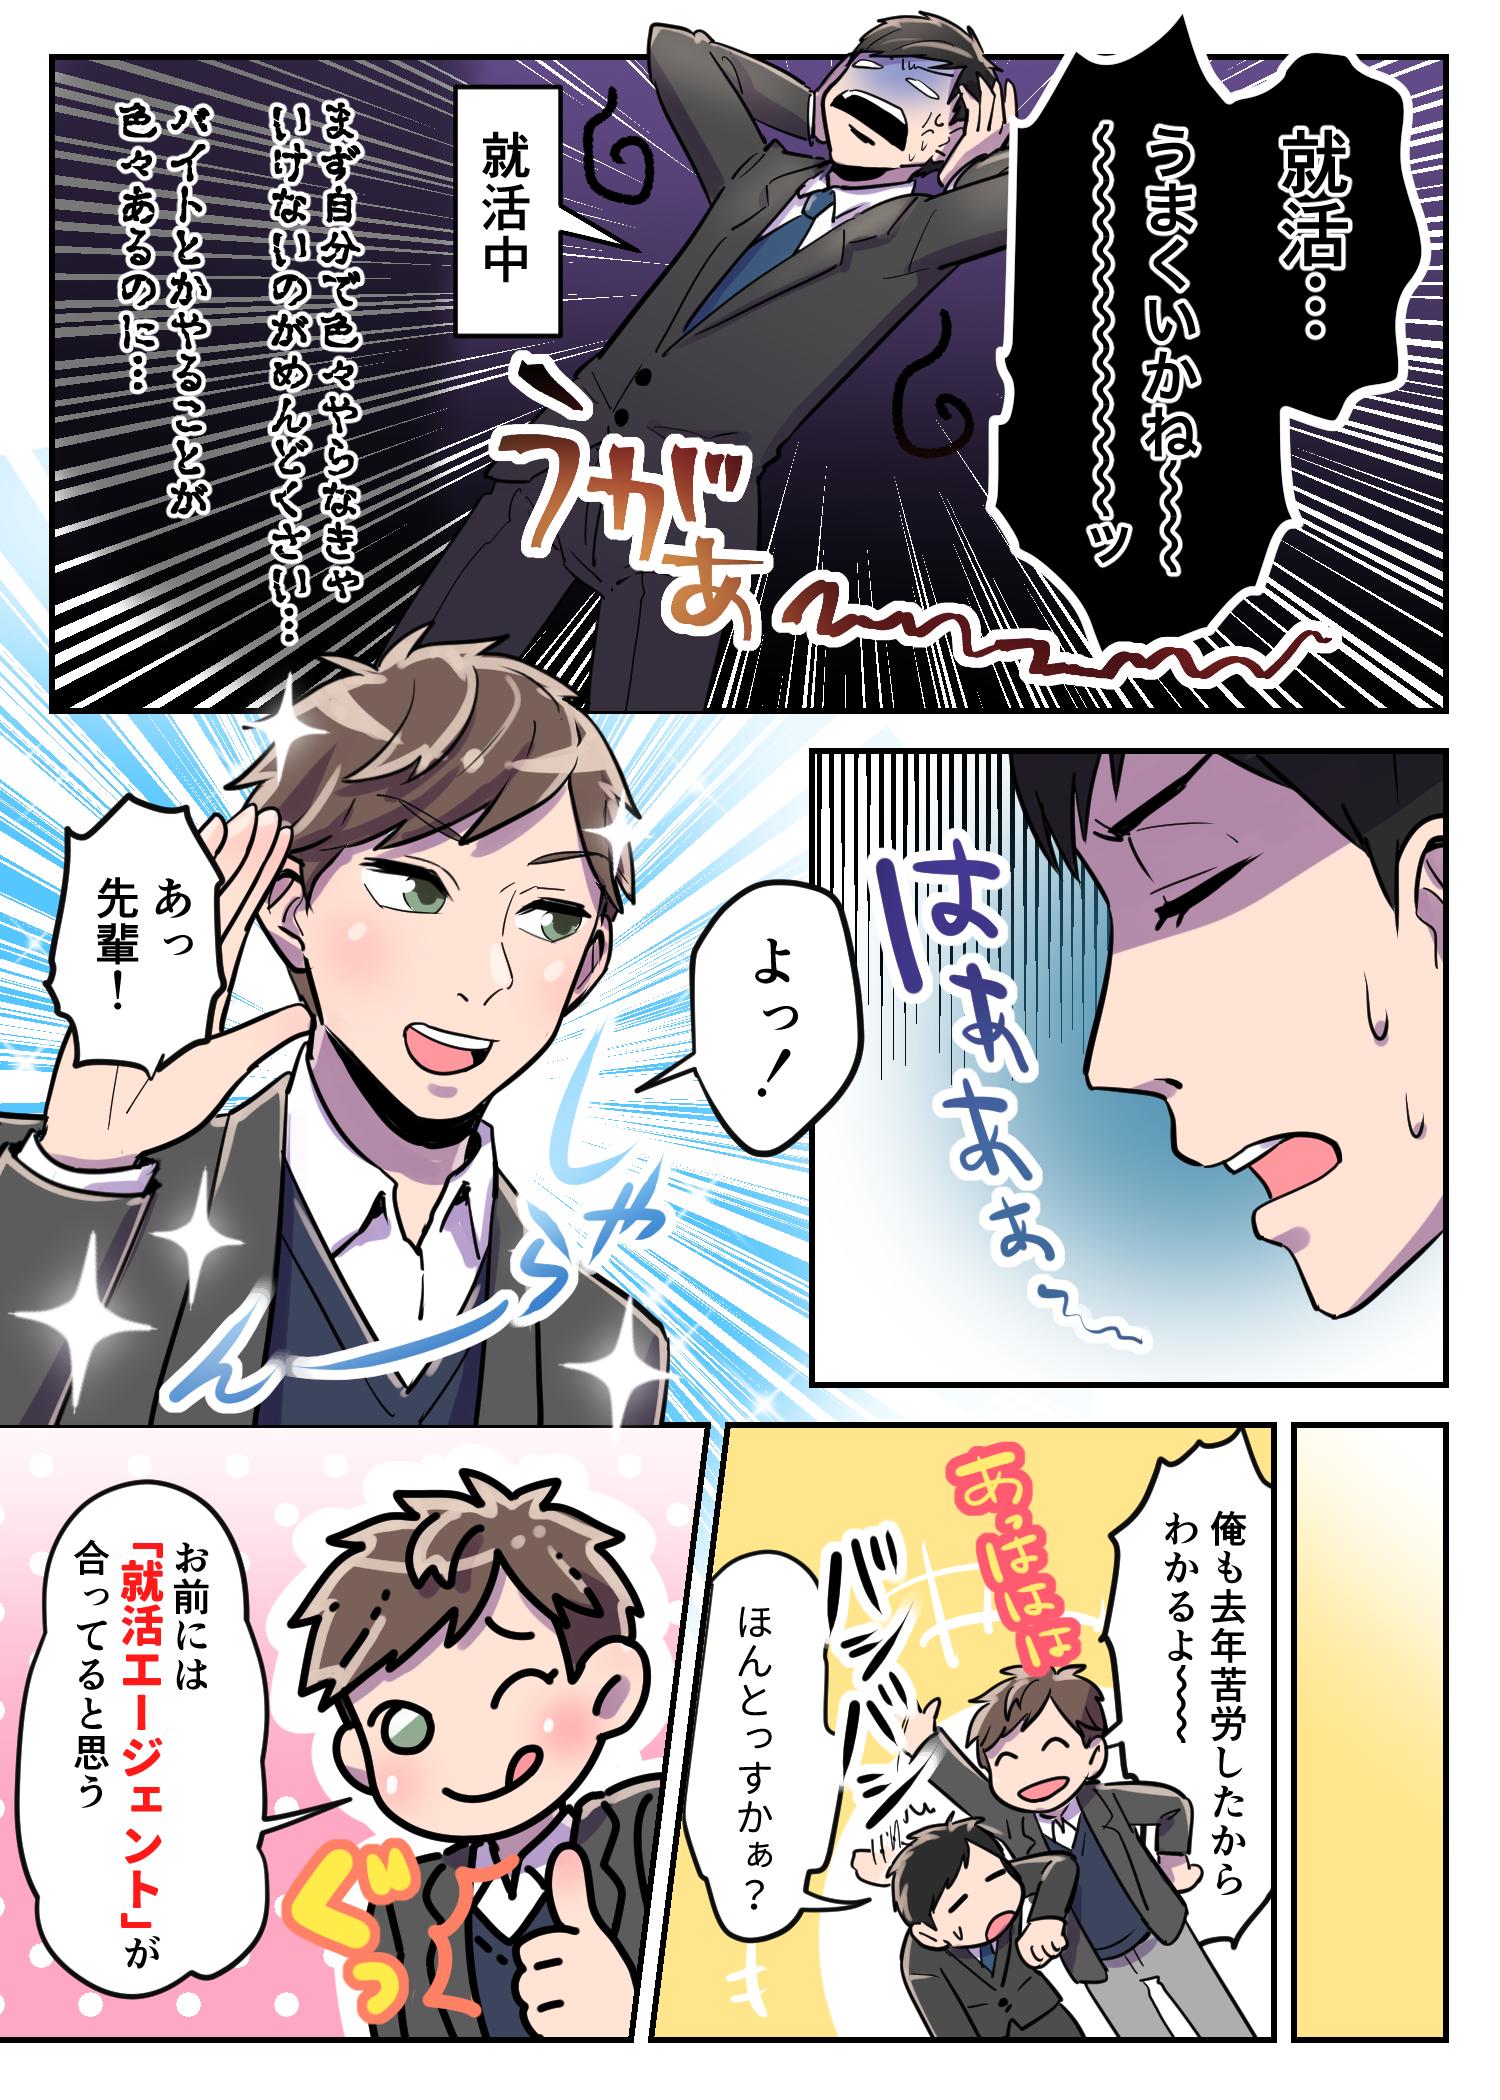 就職・就活エージェントの解説漫画1